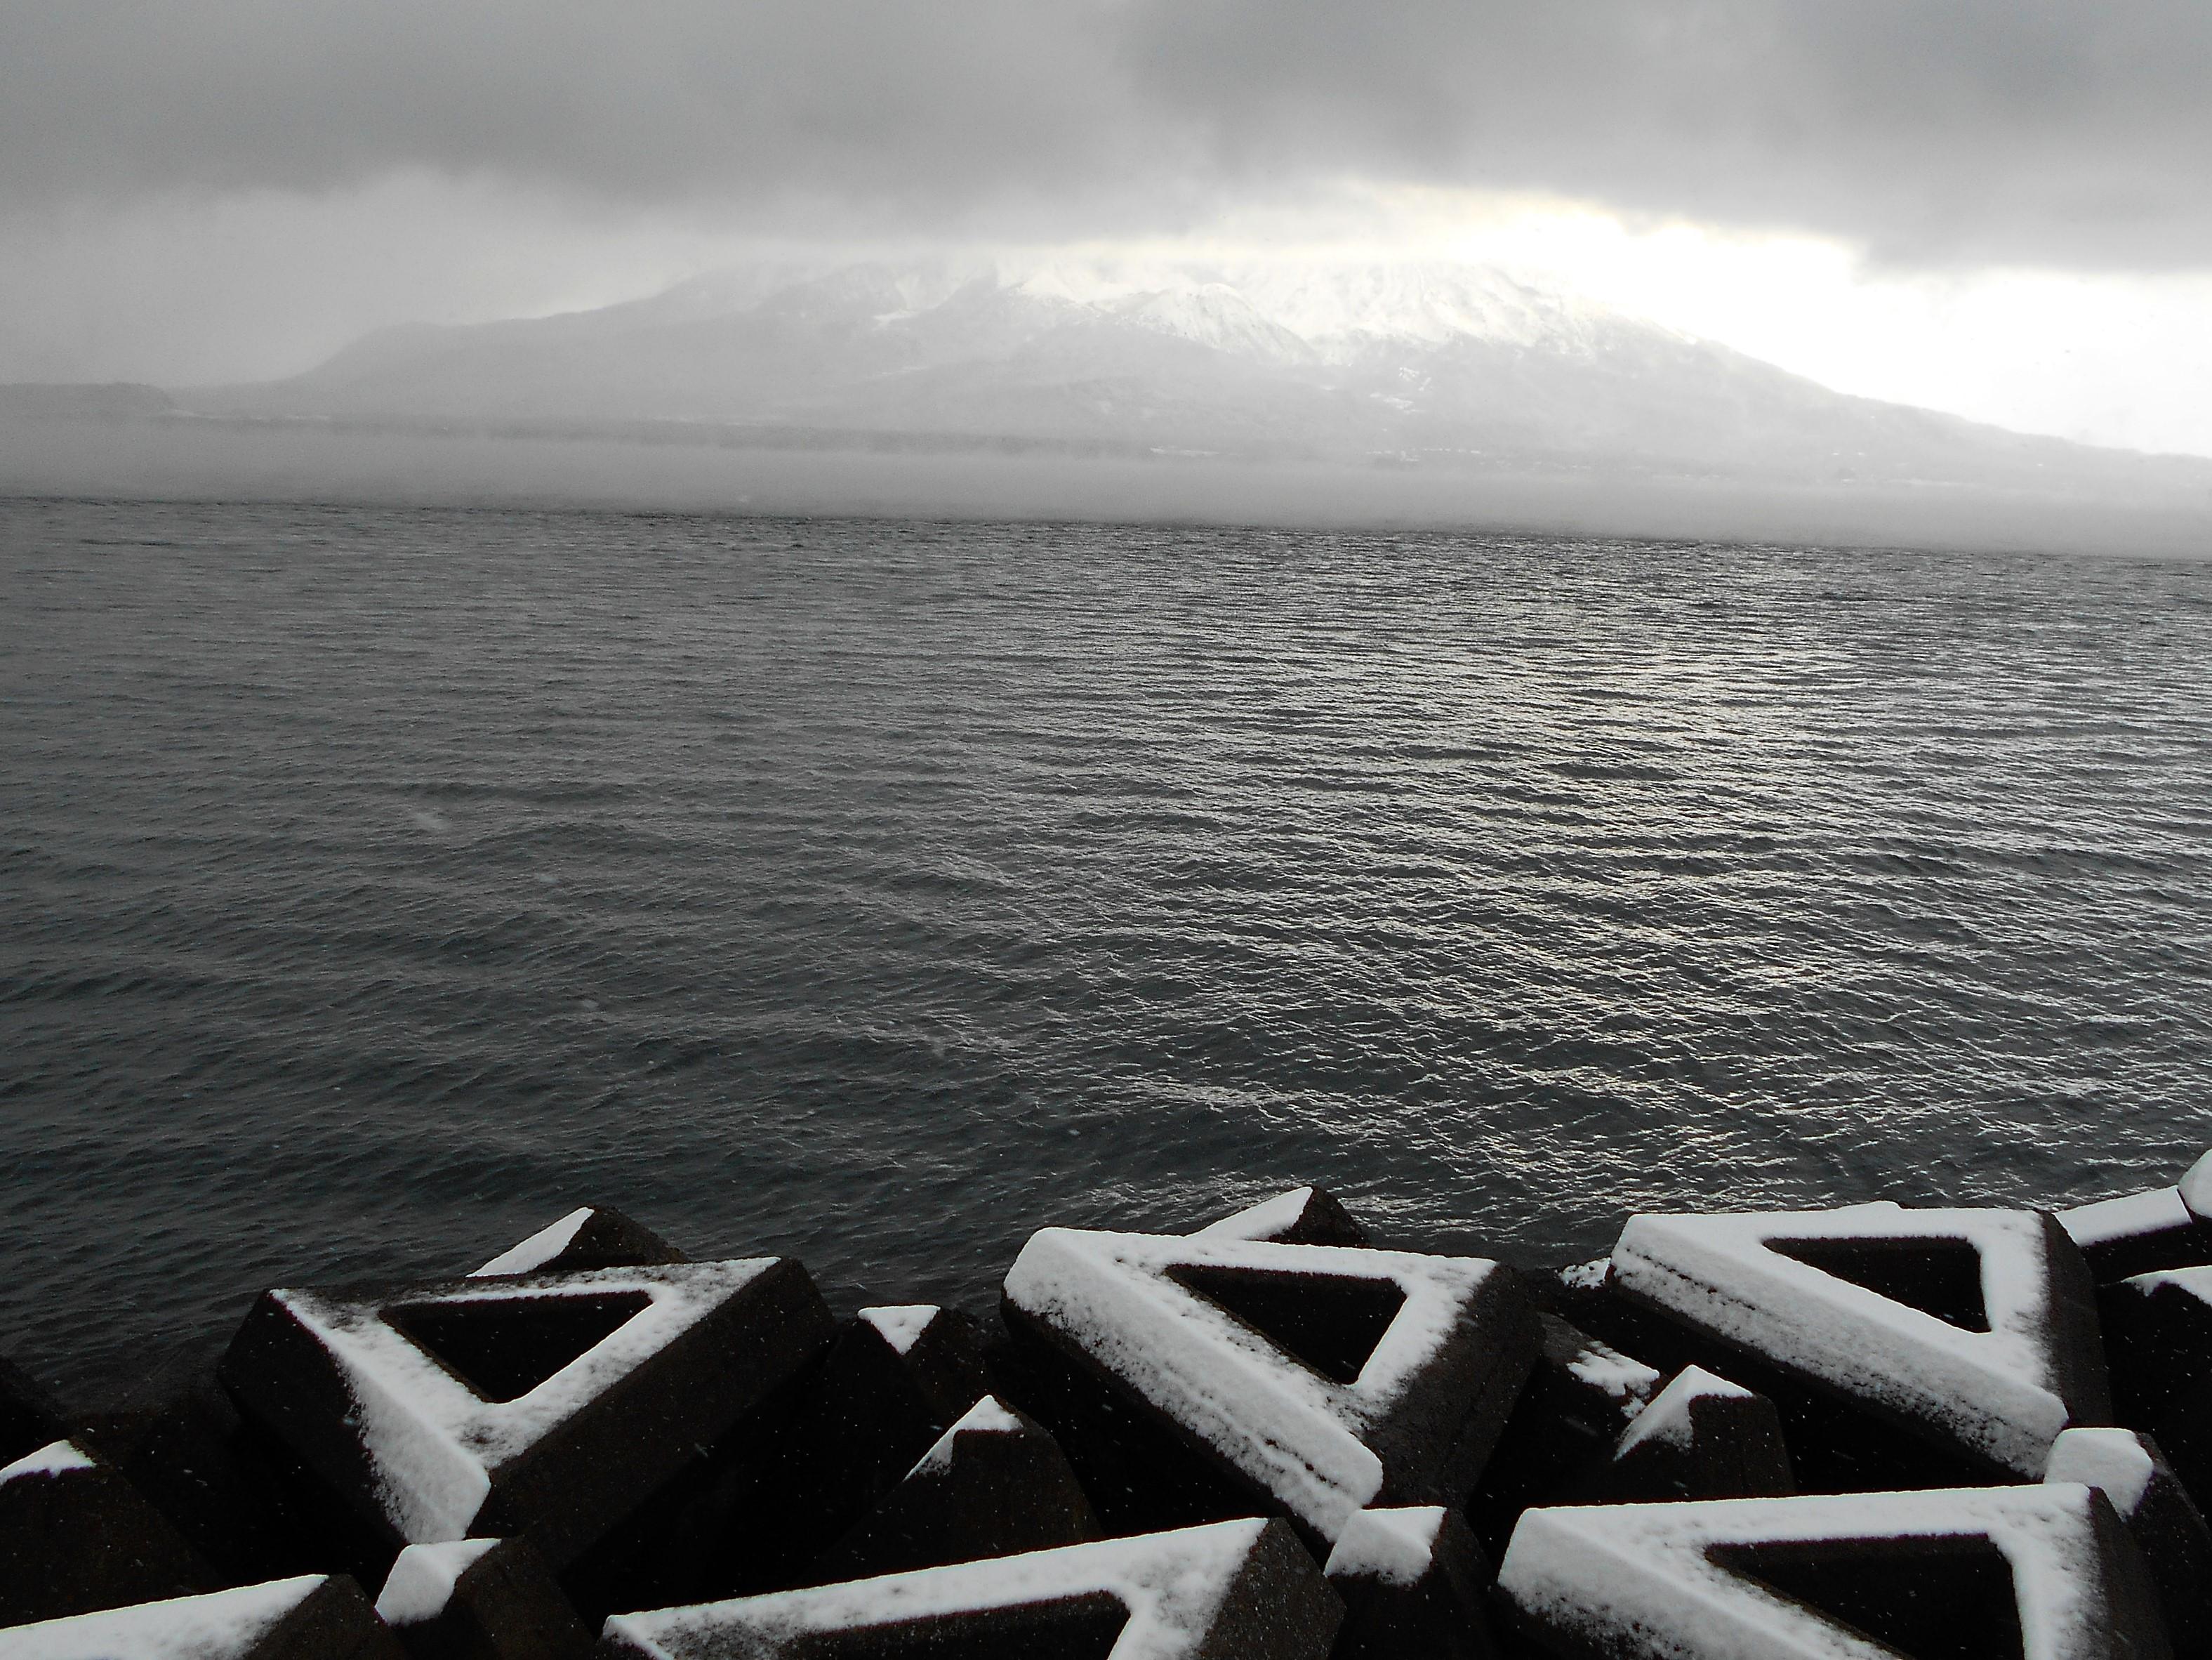 雪をかぶる波消しブロックと桜島